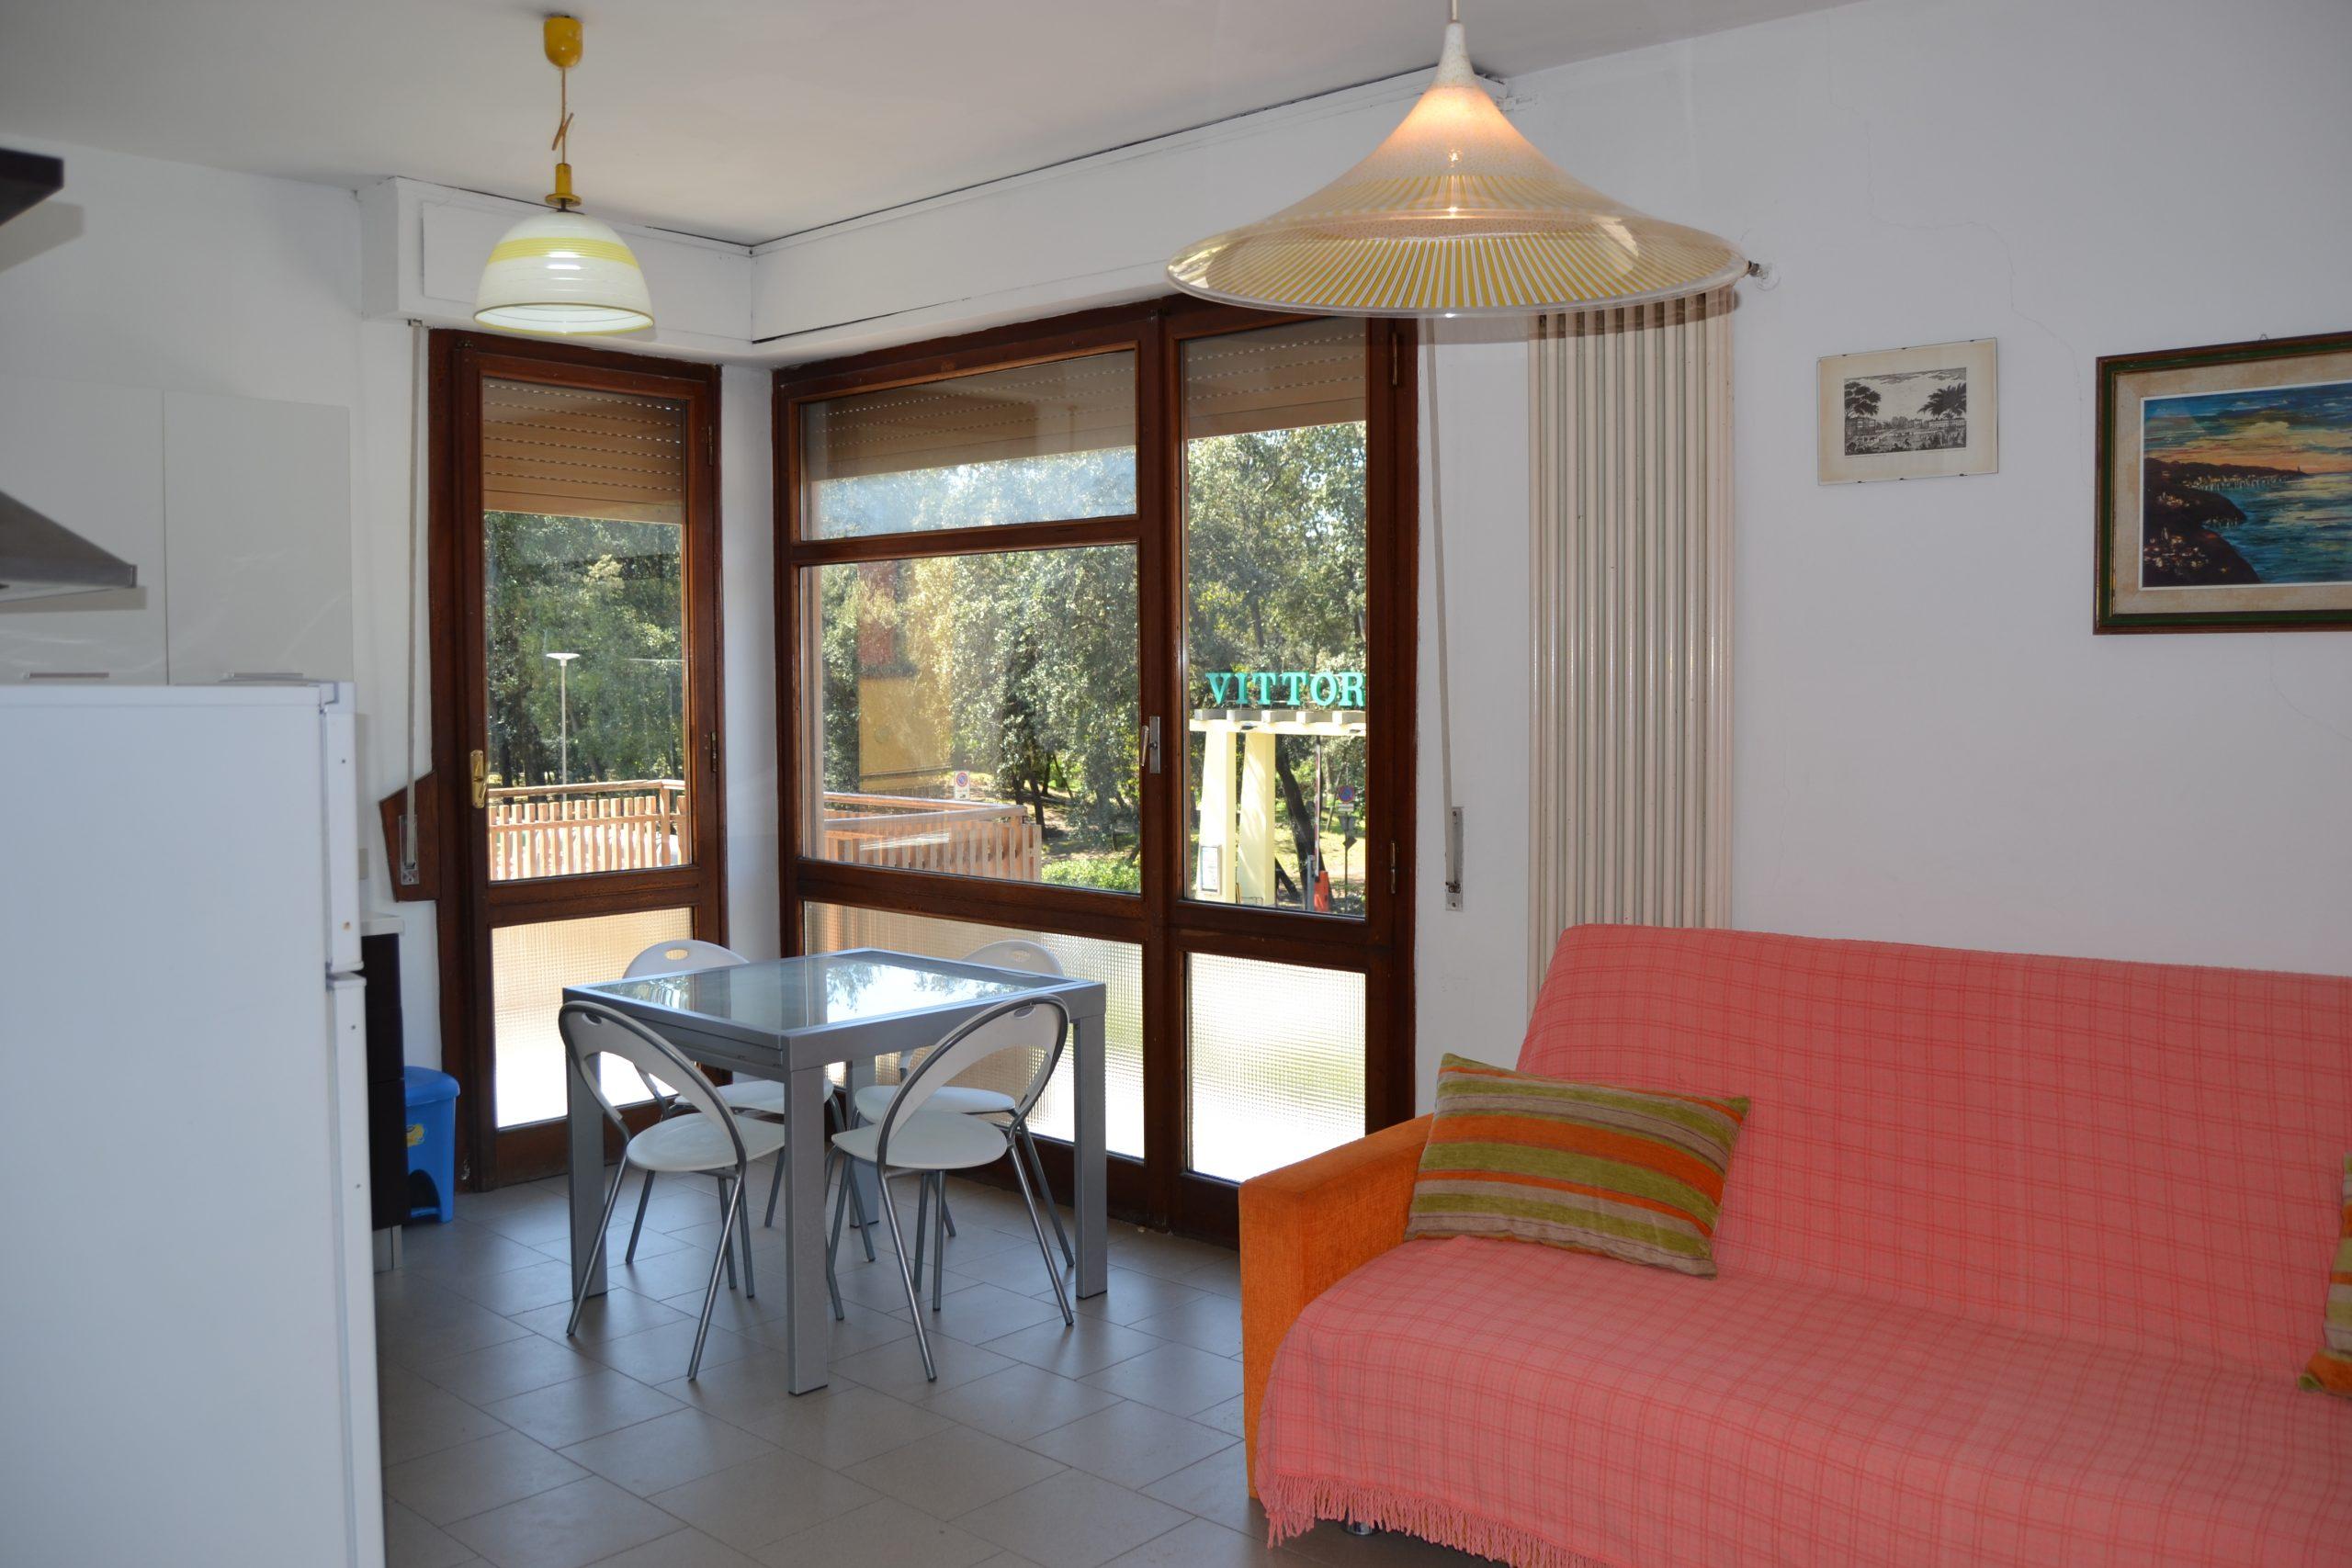 Casa in affitto a Tirrenia. Fronte Mare Rif.A.29